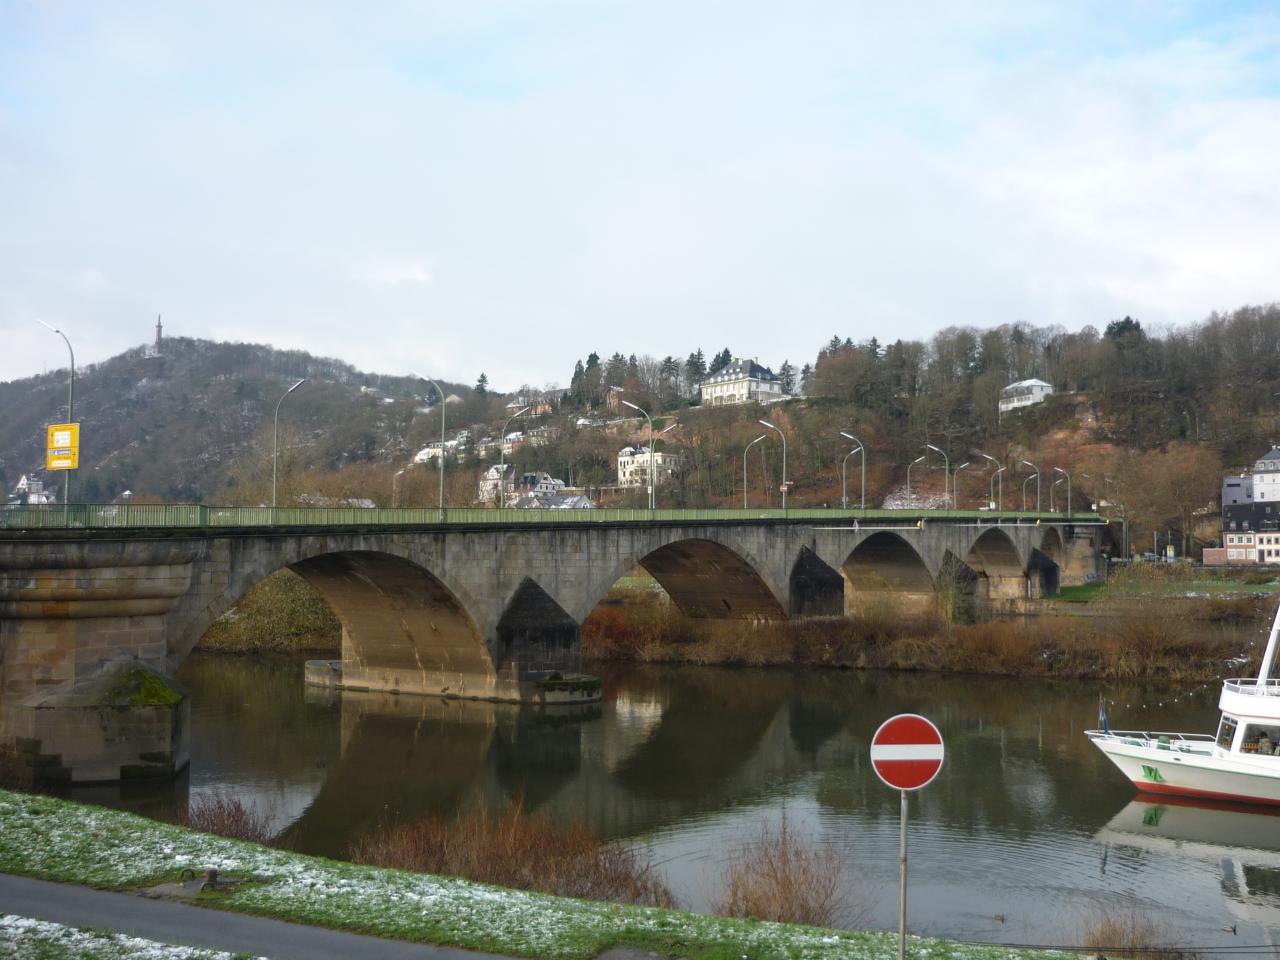 Brunchfahrt sur la Moselle